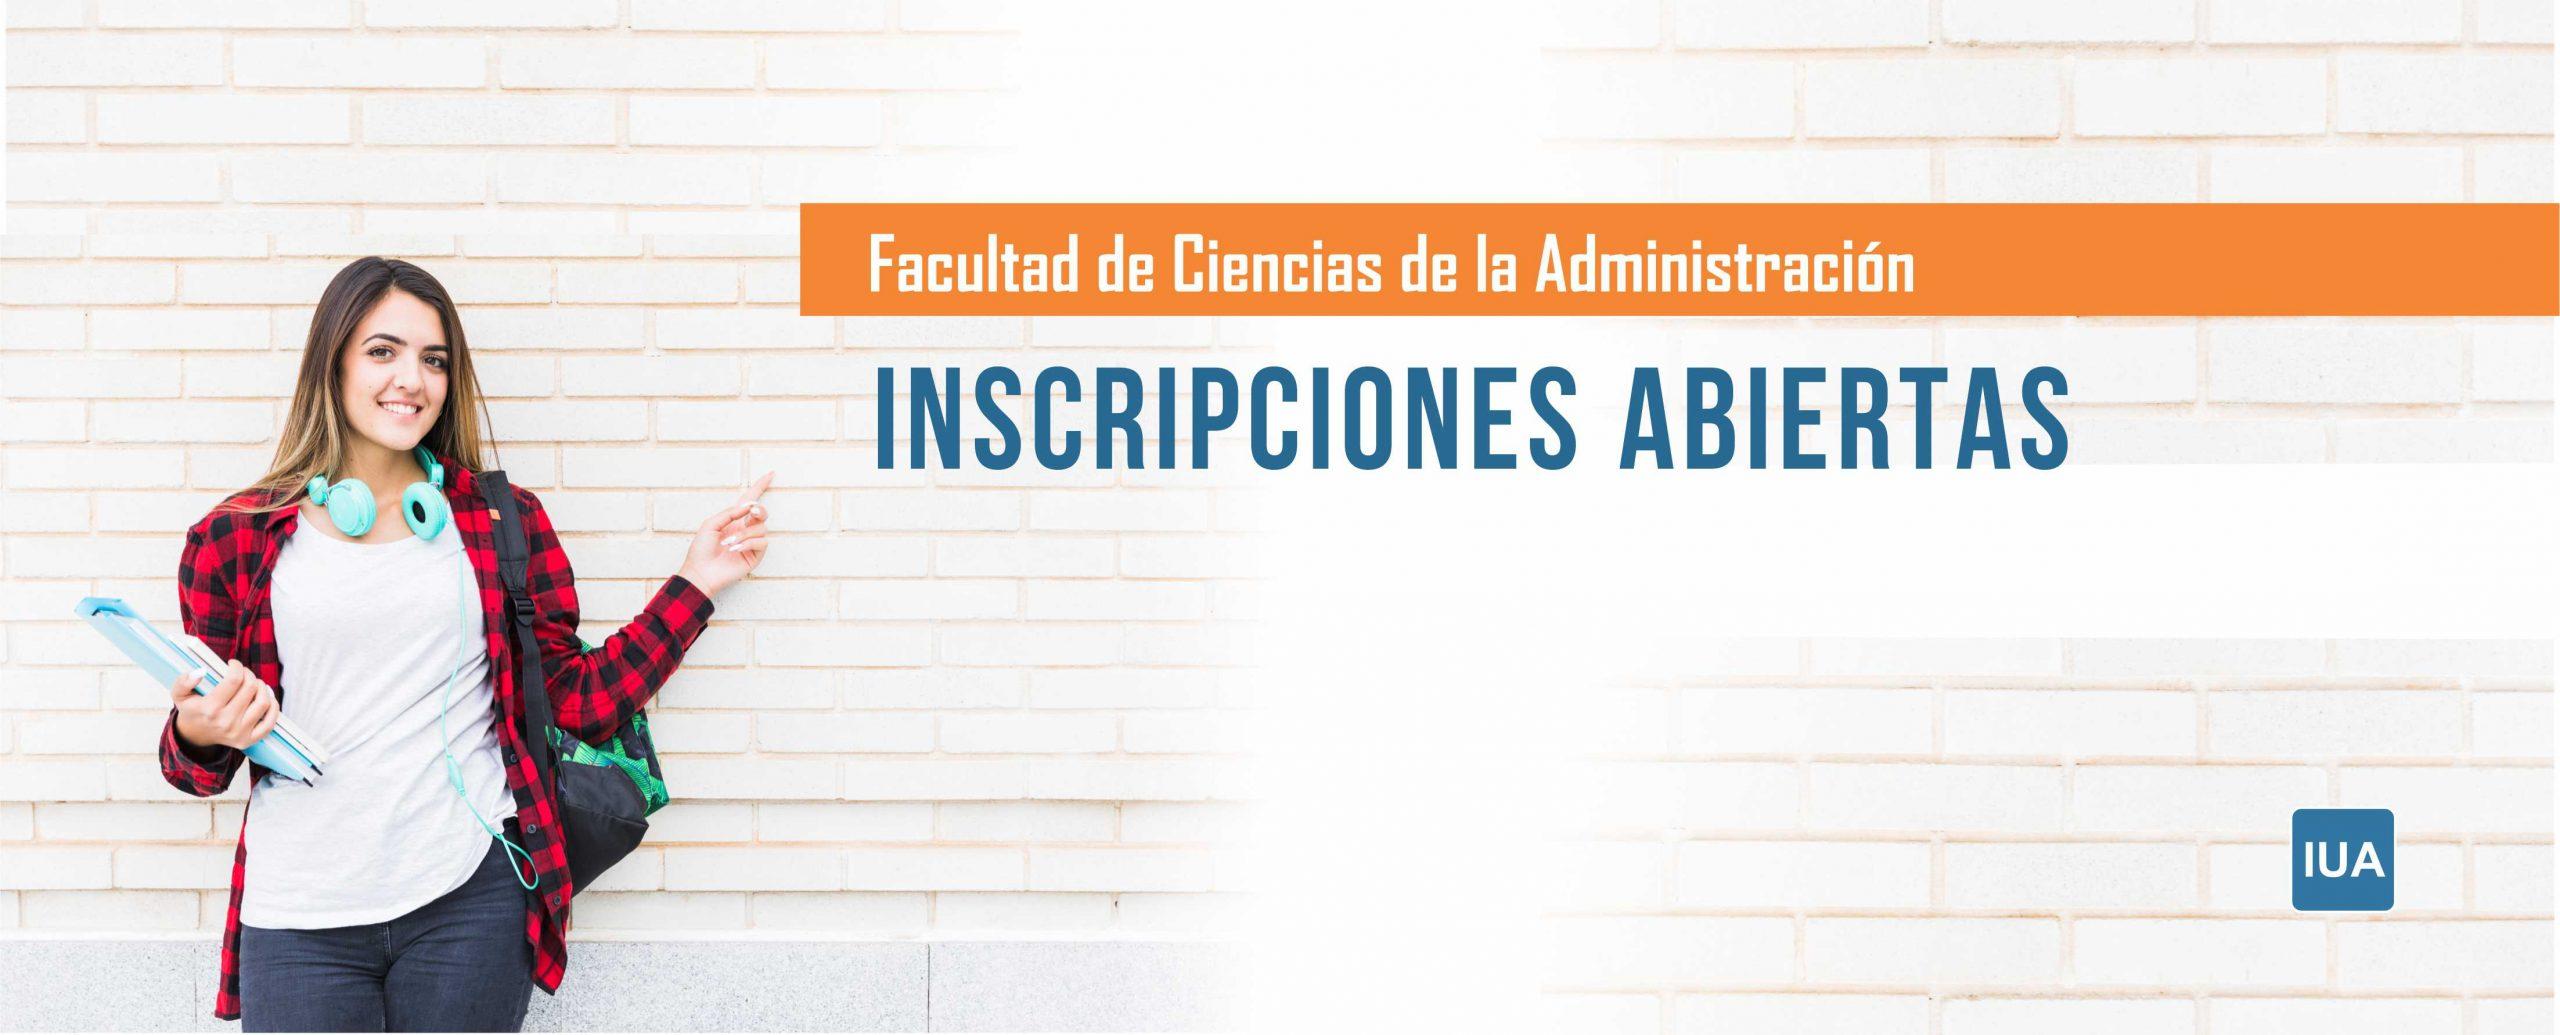 Ingreso 2021. Inscripciones abiertas carreras a distancia y semipresencial. Campus Córdoba y sedes.